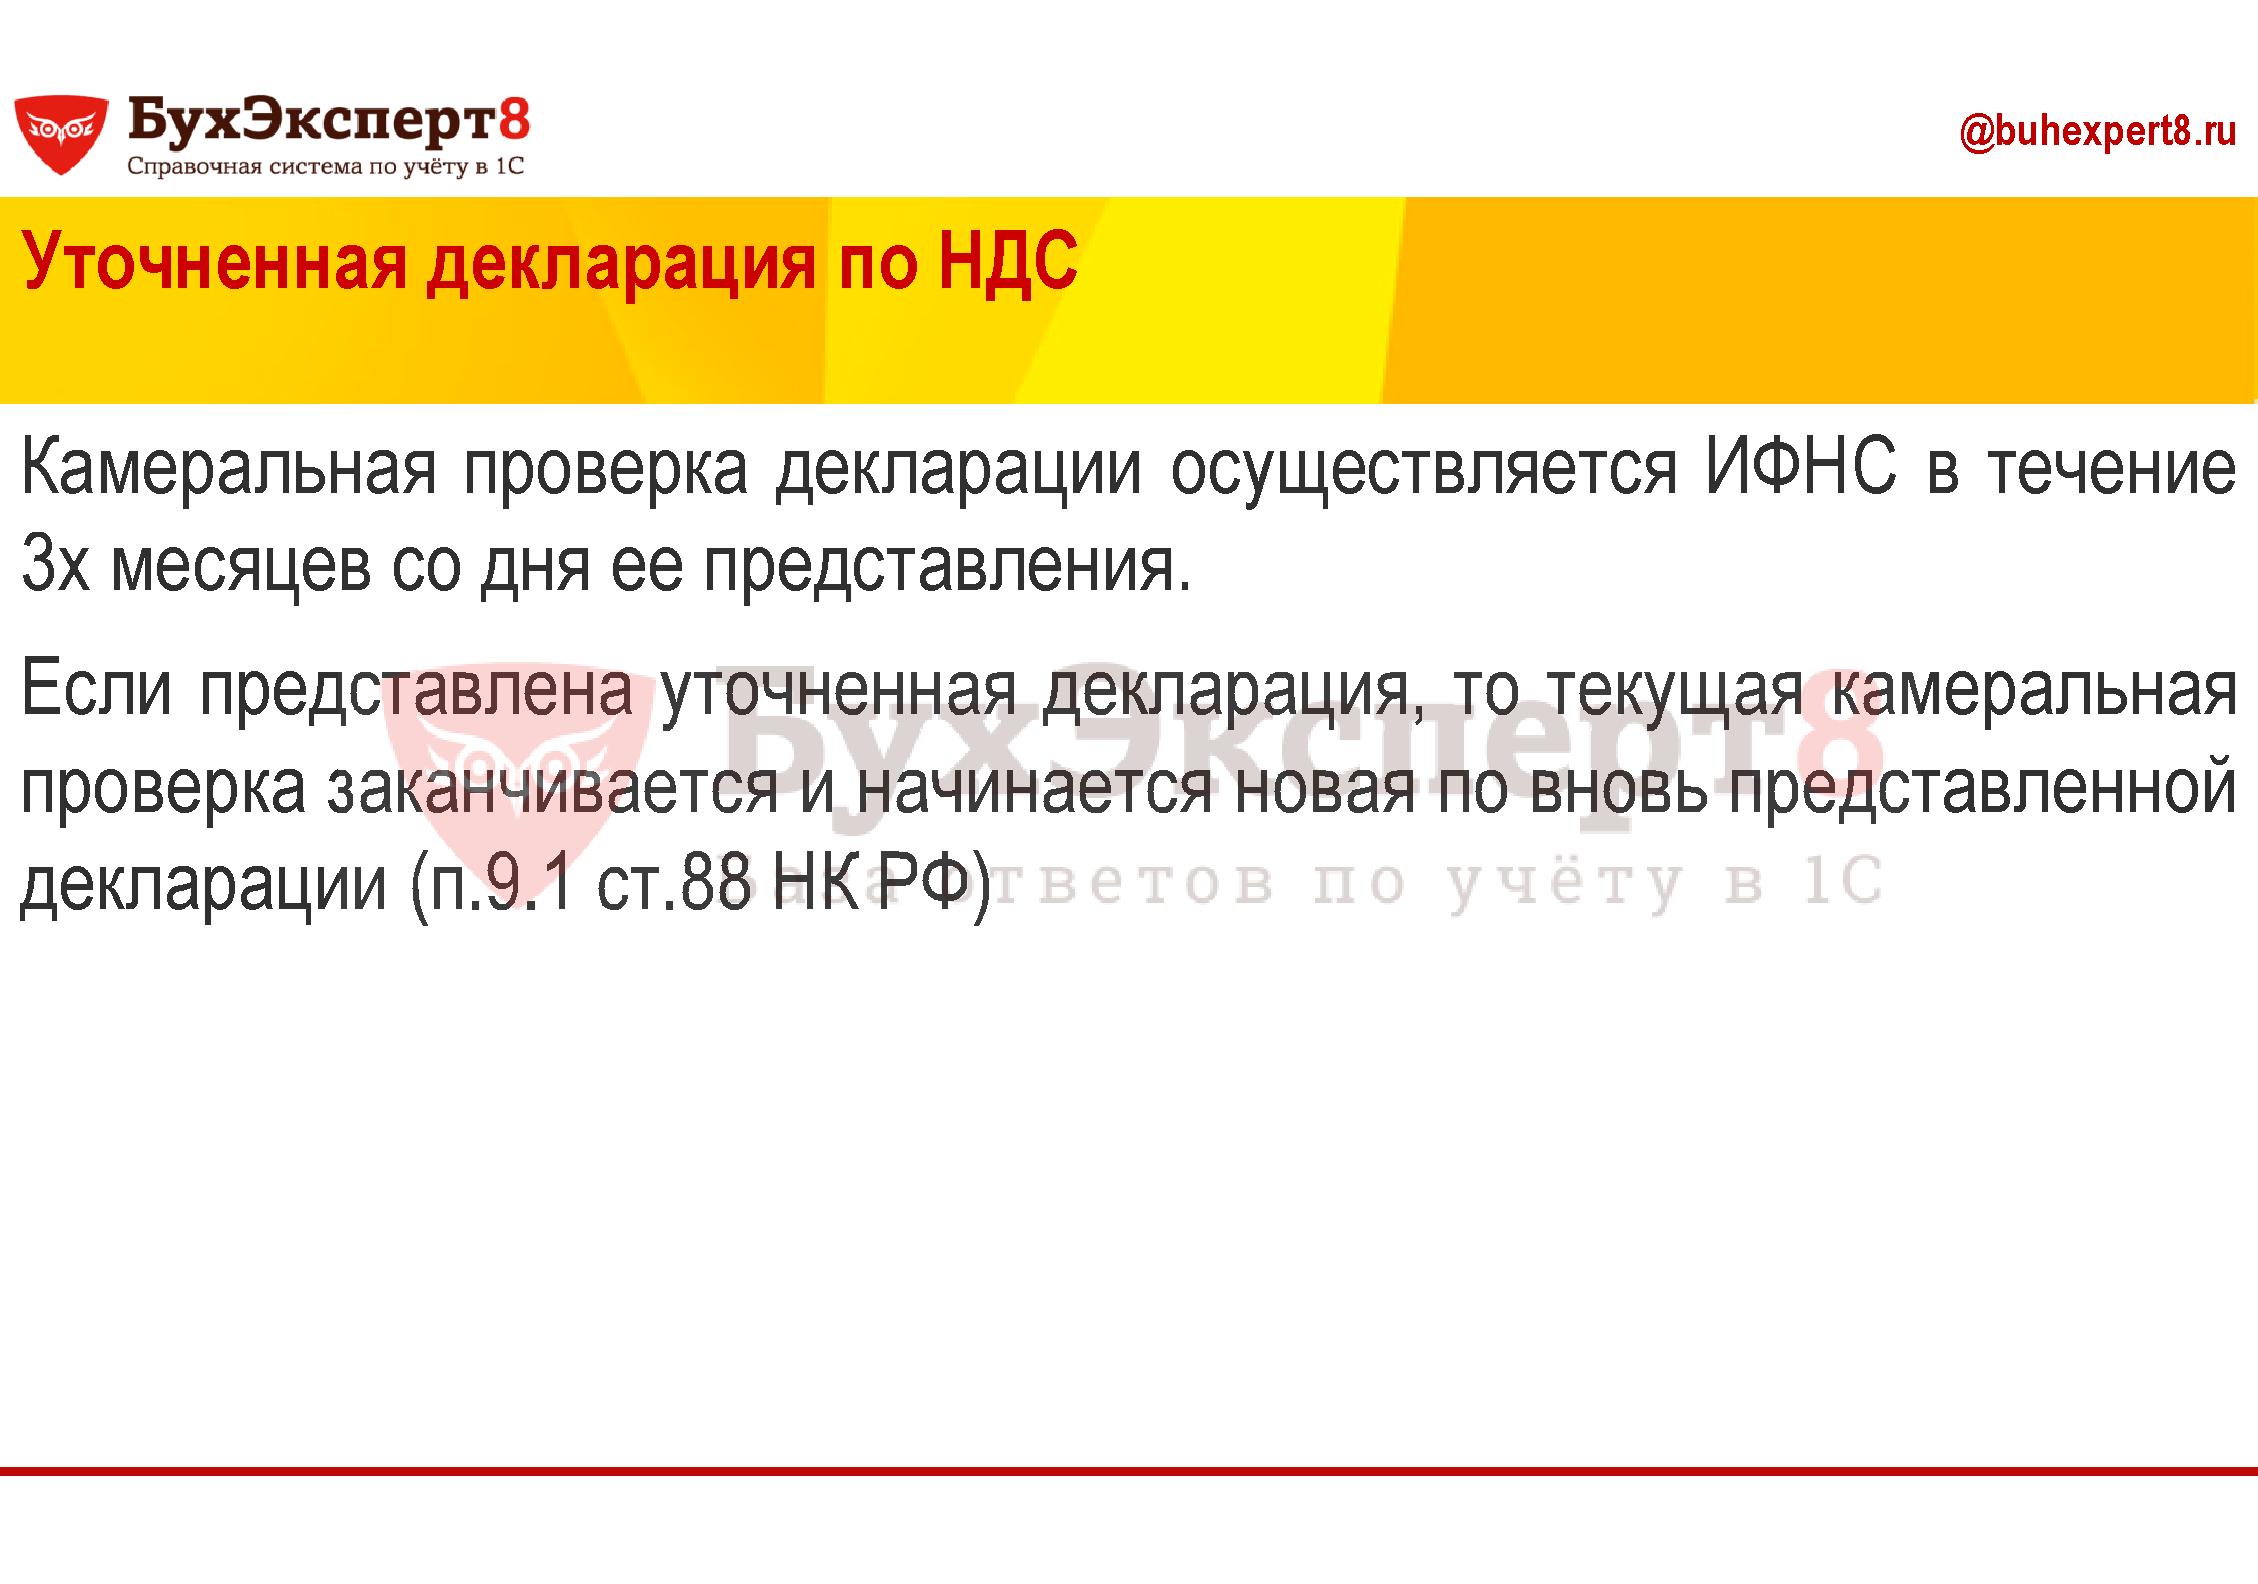 Уточненная декларация по НДС Камеральная проверка декларации осуществляется ИФНС в течение 3х месяцев со дня ее представления. Если представлена уточненная декларация, то текущая камеральная проверка заканчивается и начинается новая по вновь представленной декларации (п.9.1 ст.88 НК РФ)